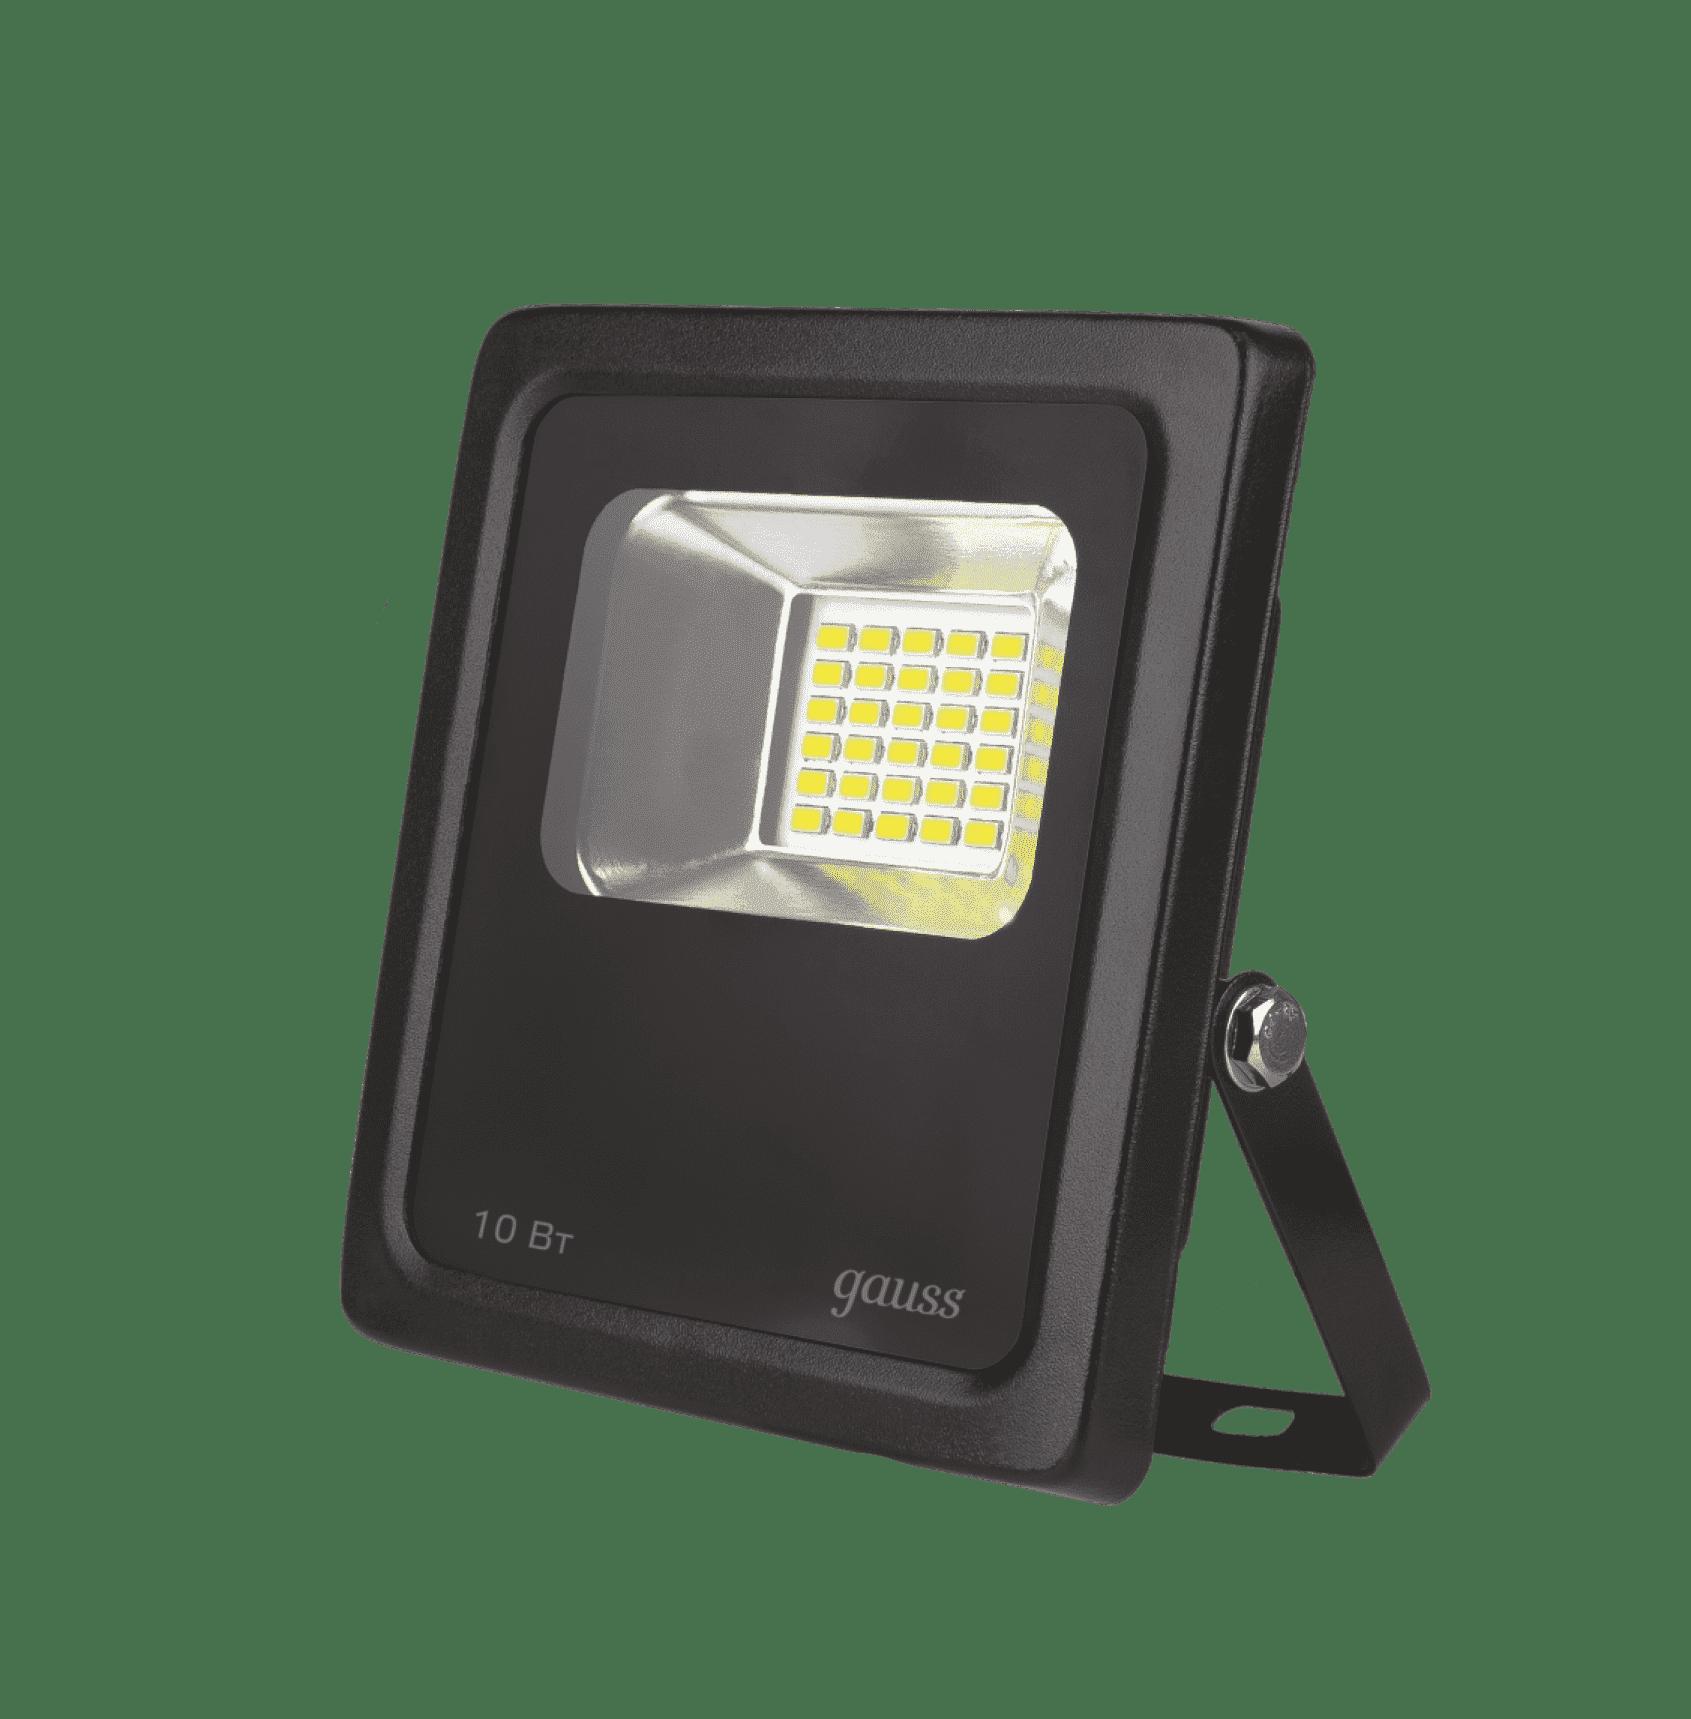 Прожектор светодиодный Gauss LED 10W IP65 6500К черный 1/24 арт. 613100310